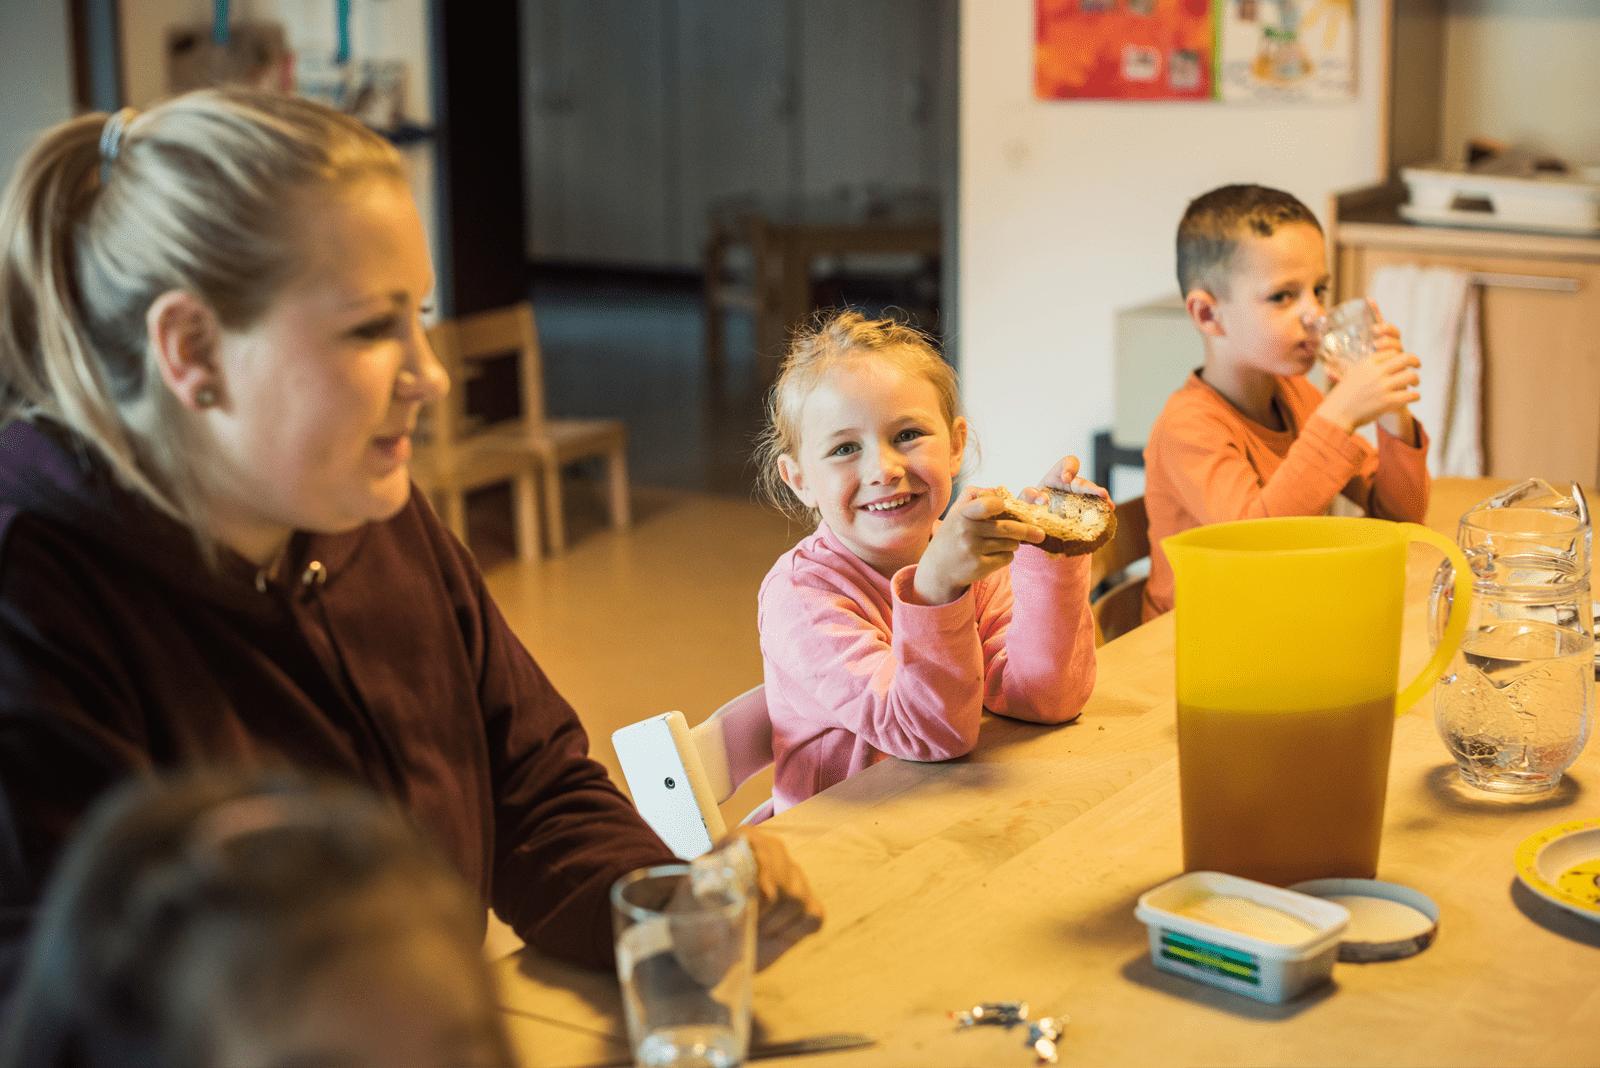 Mädchen sitzt genüsslich am Tisch mit Zvieribrot in der Hand.